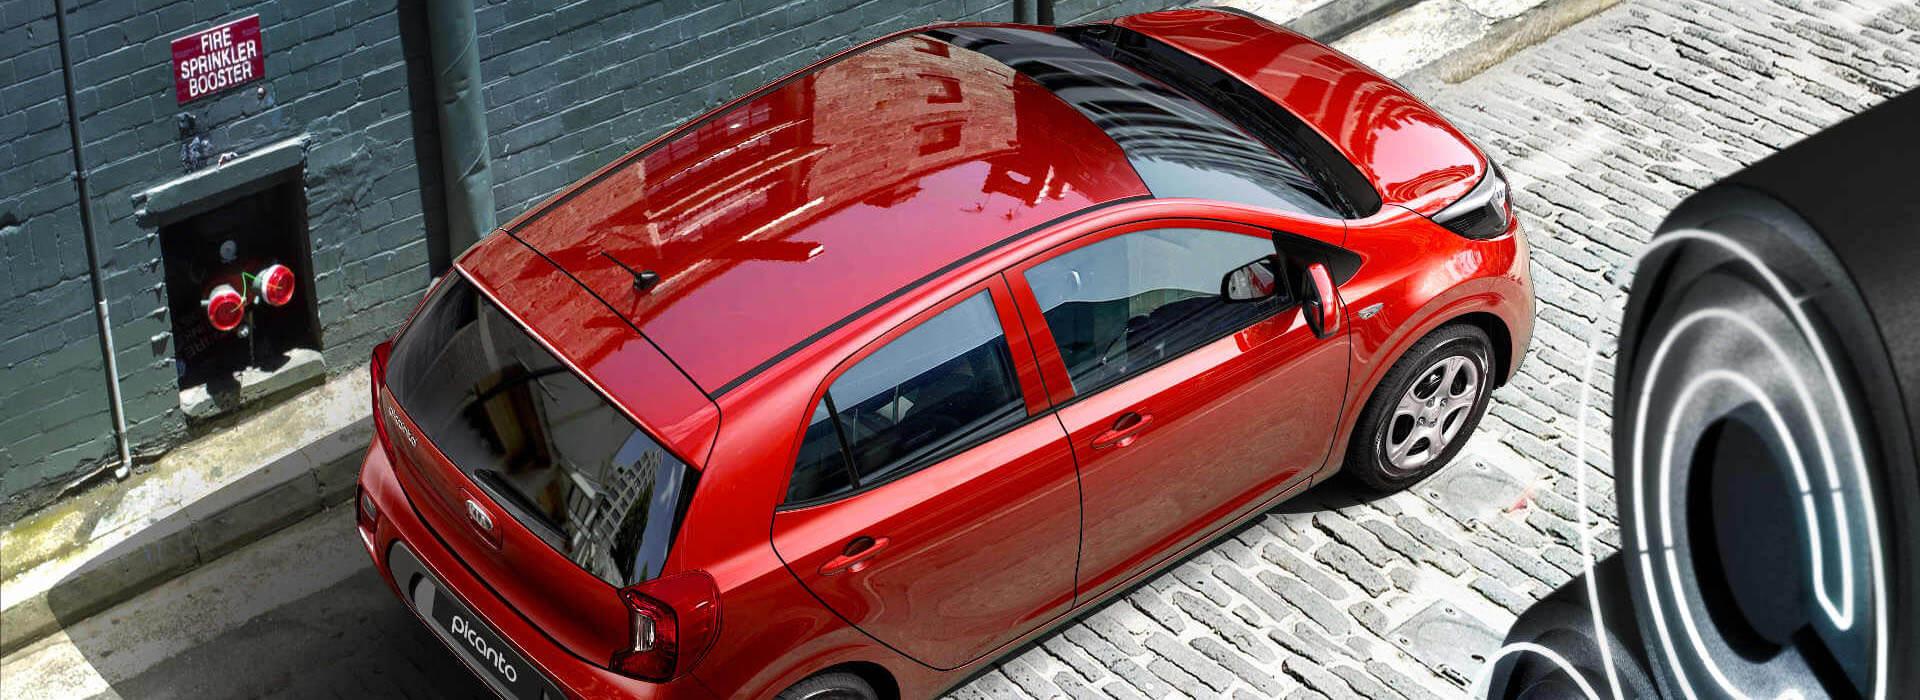 New Kia Picanto for sale in Gold Coast - Sunshine Kia